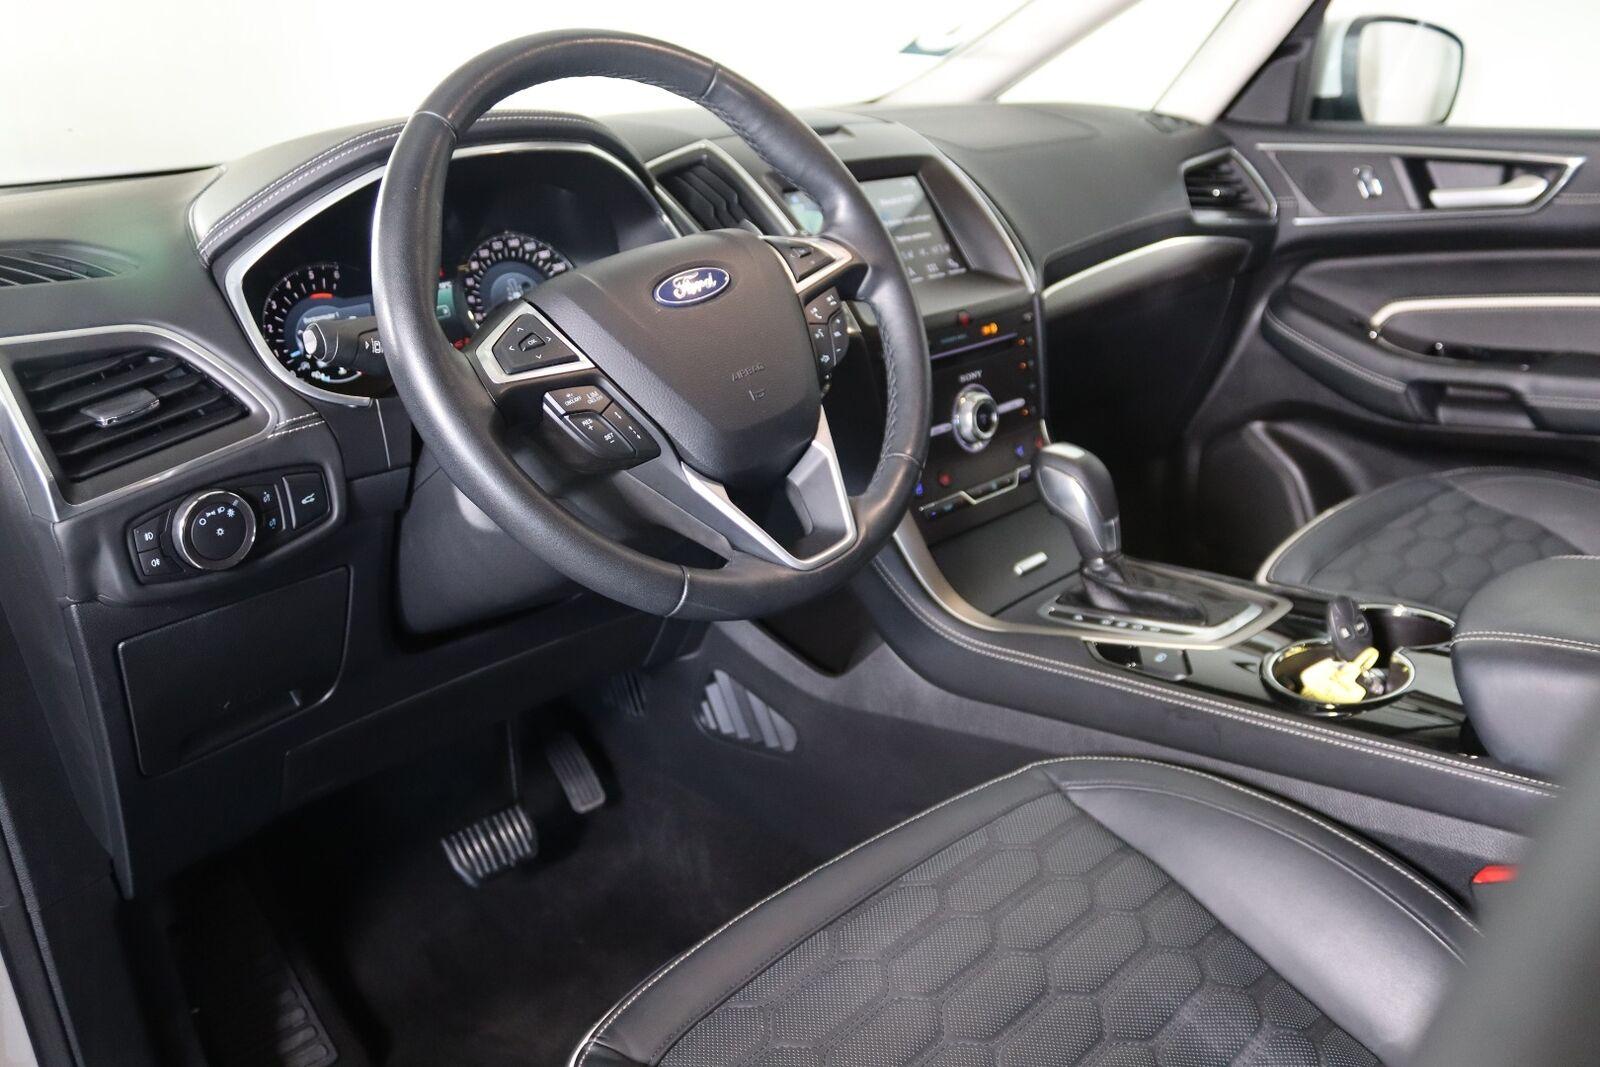 Ford S-MAX 2,0 TDCi 180 Vignale aut. - billede 6